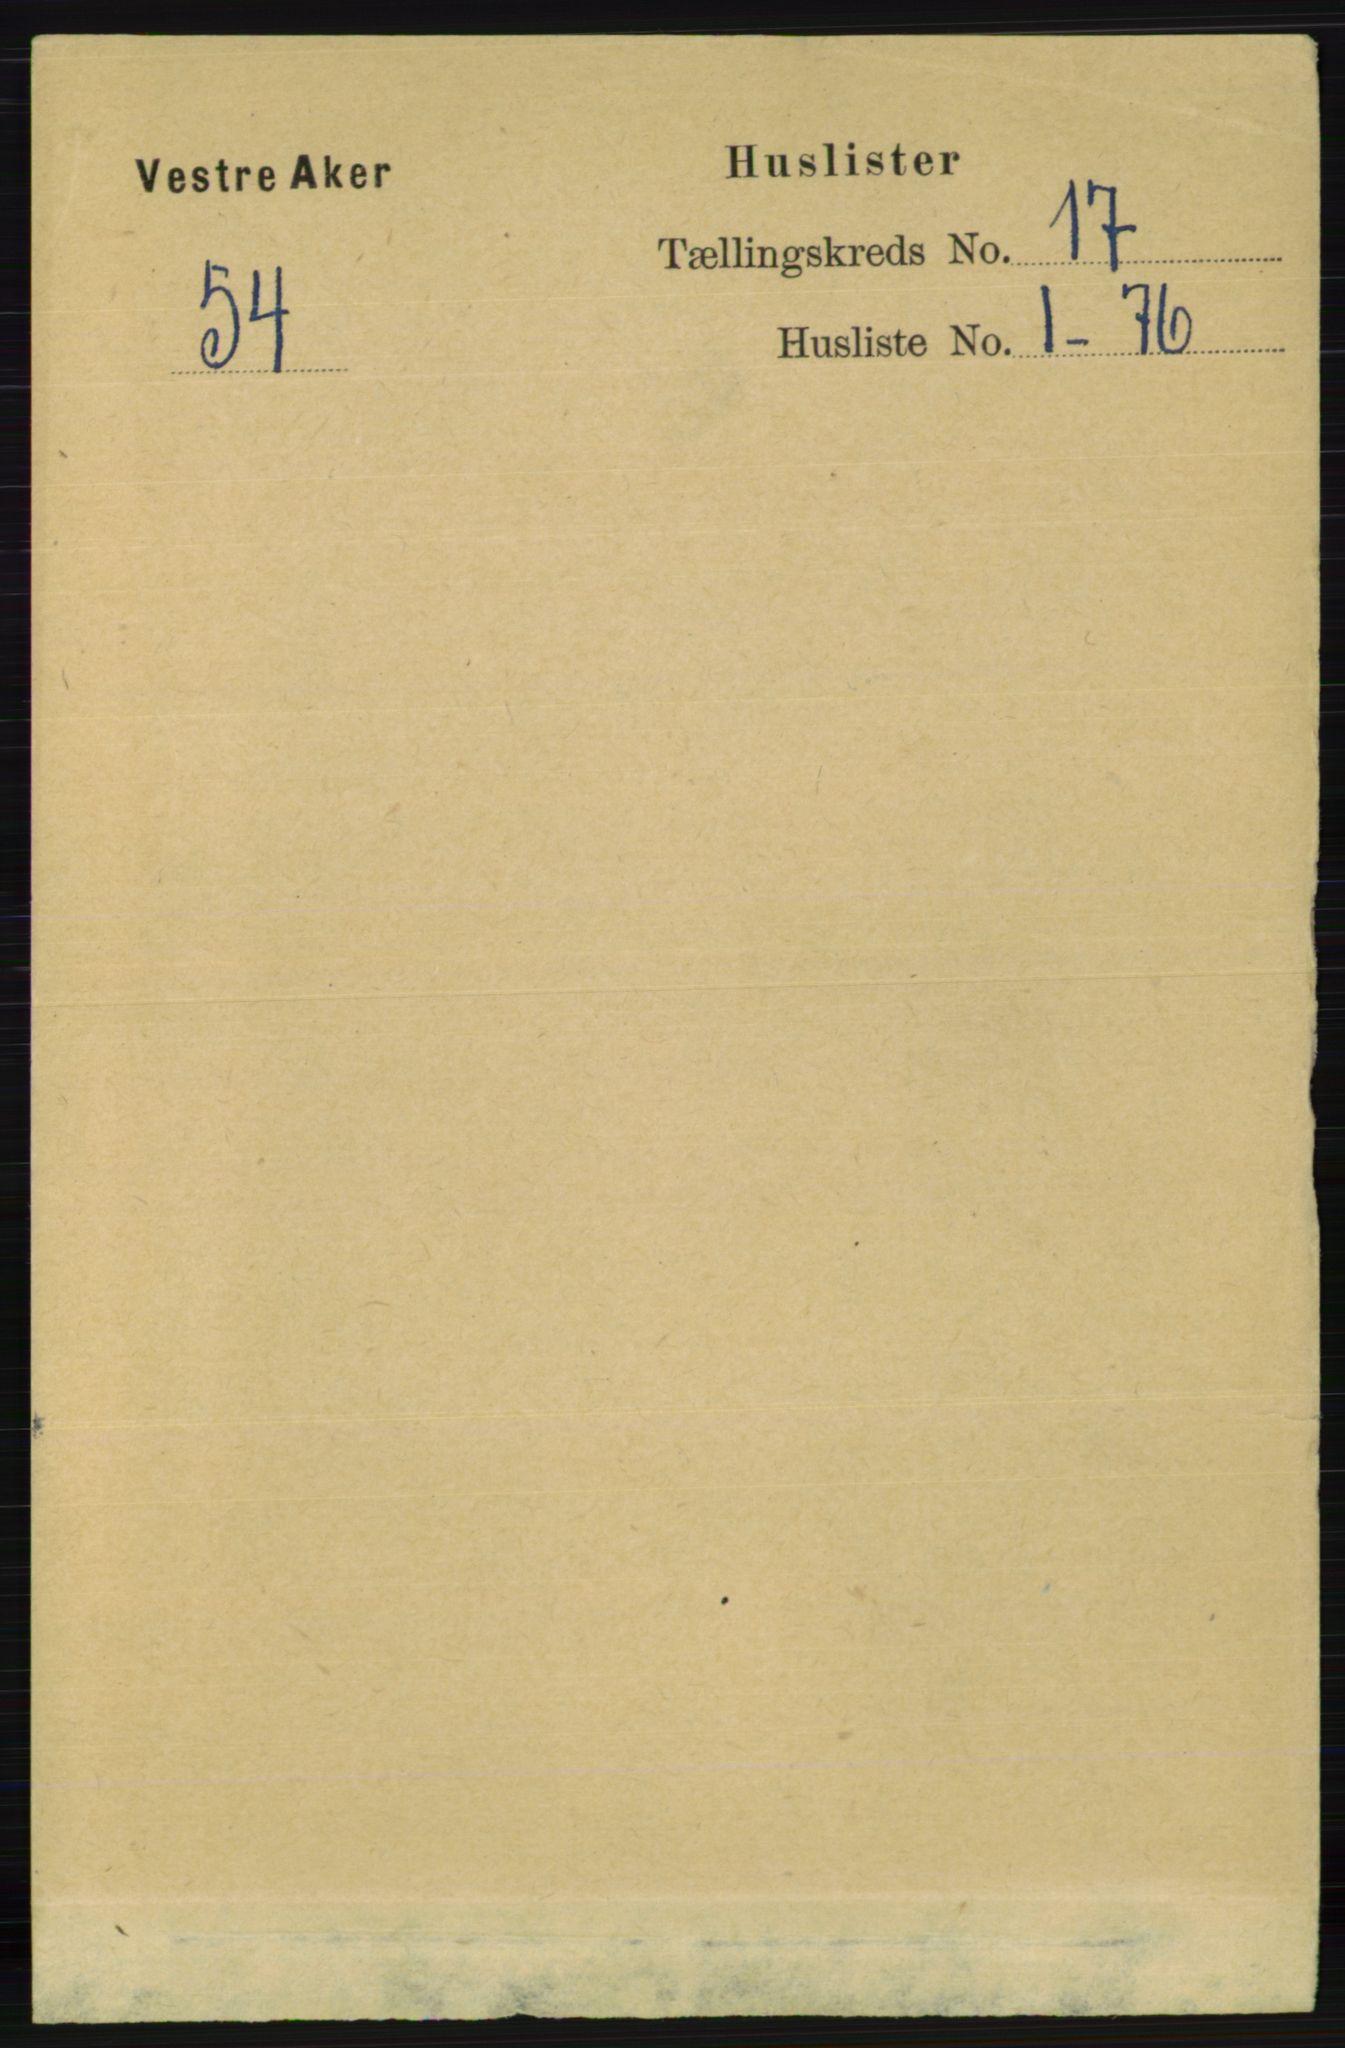 RA, Folketelling 1891 for 0218 Aker herred, 1891, s. 15770